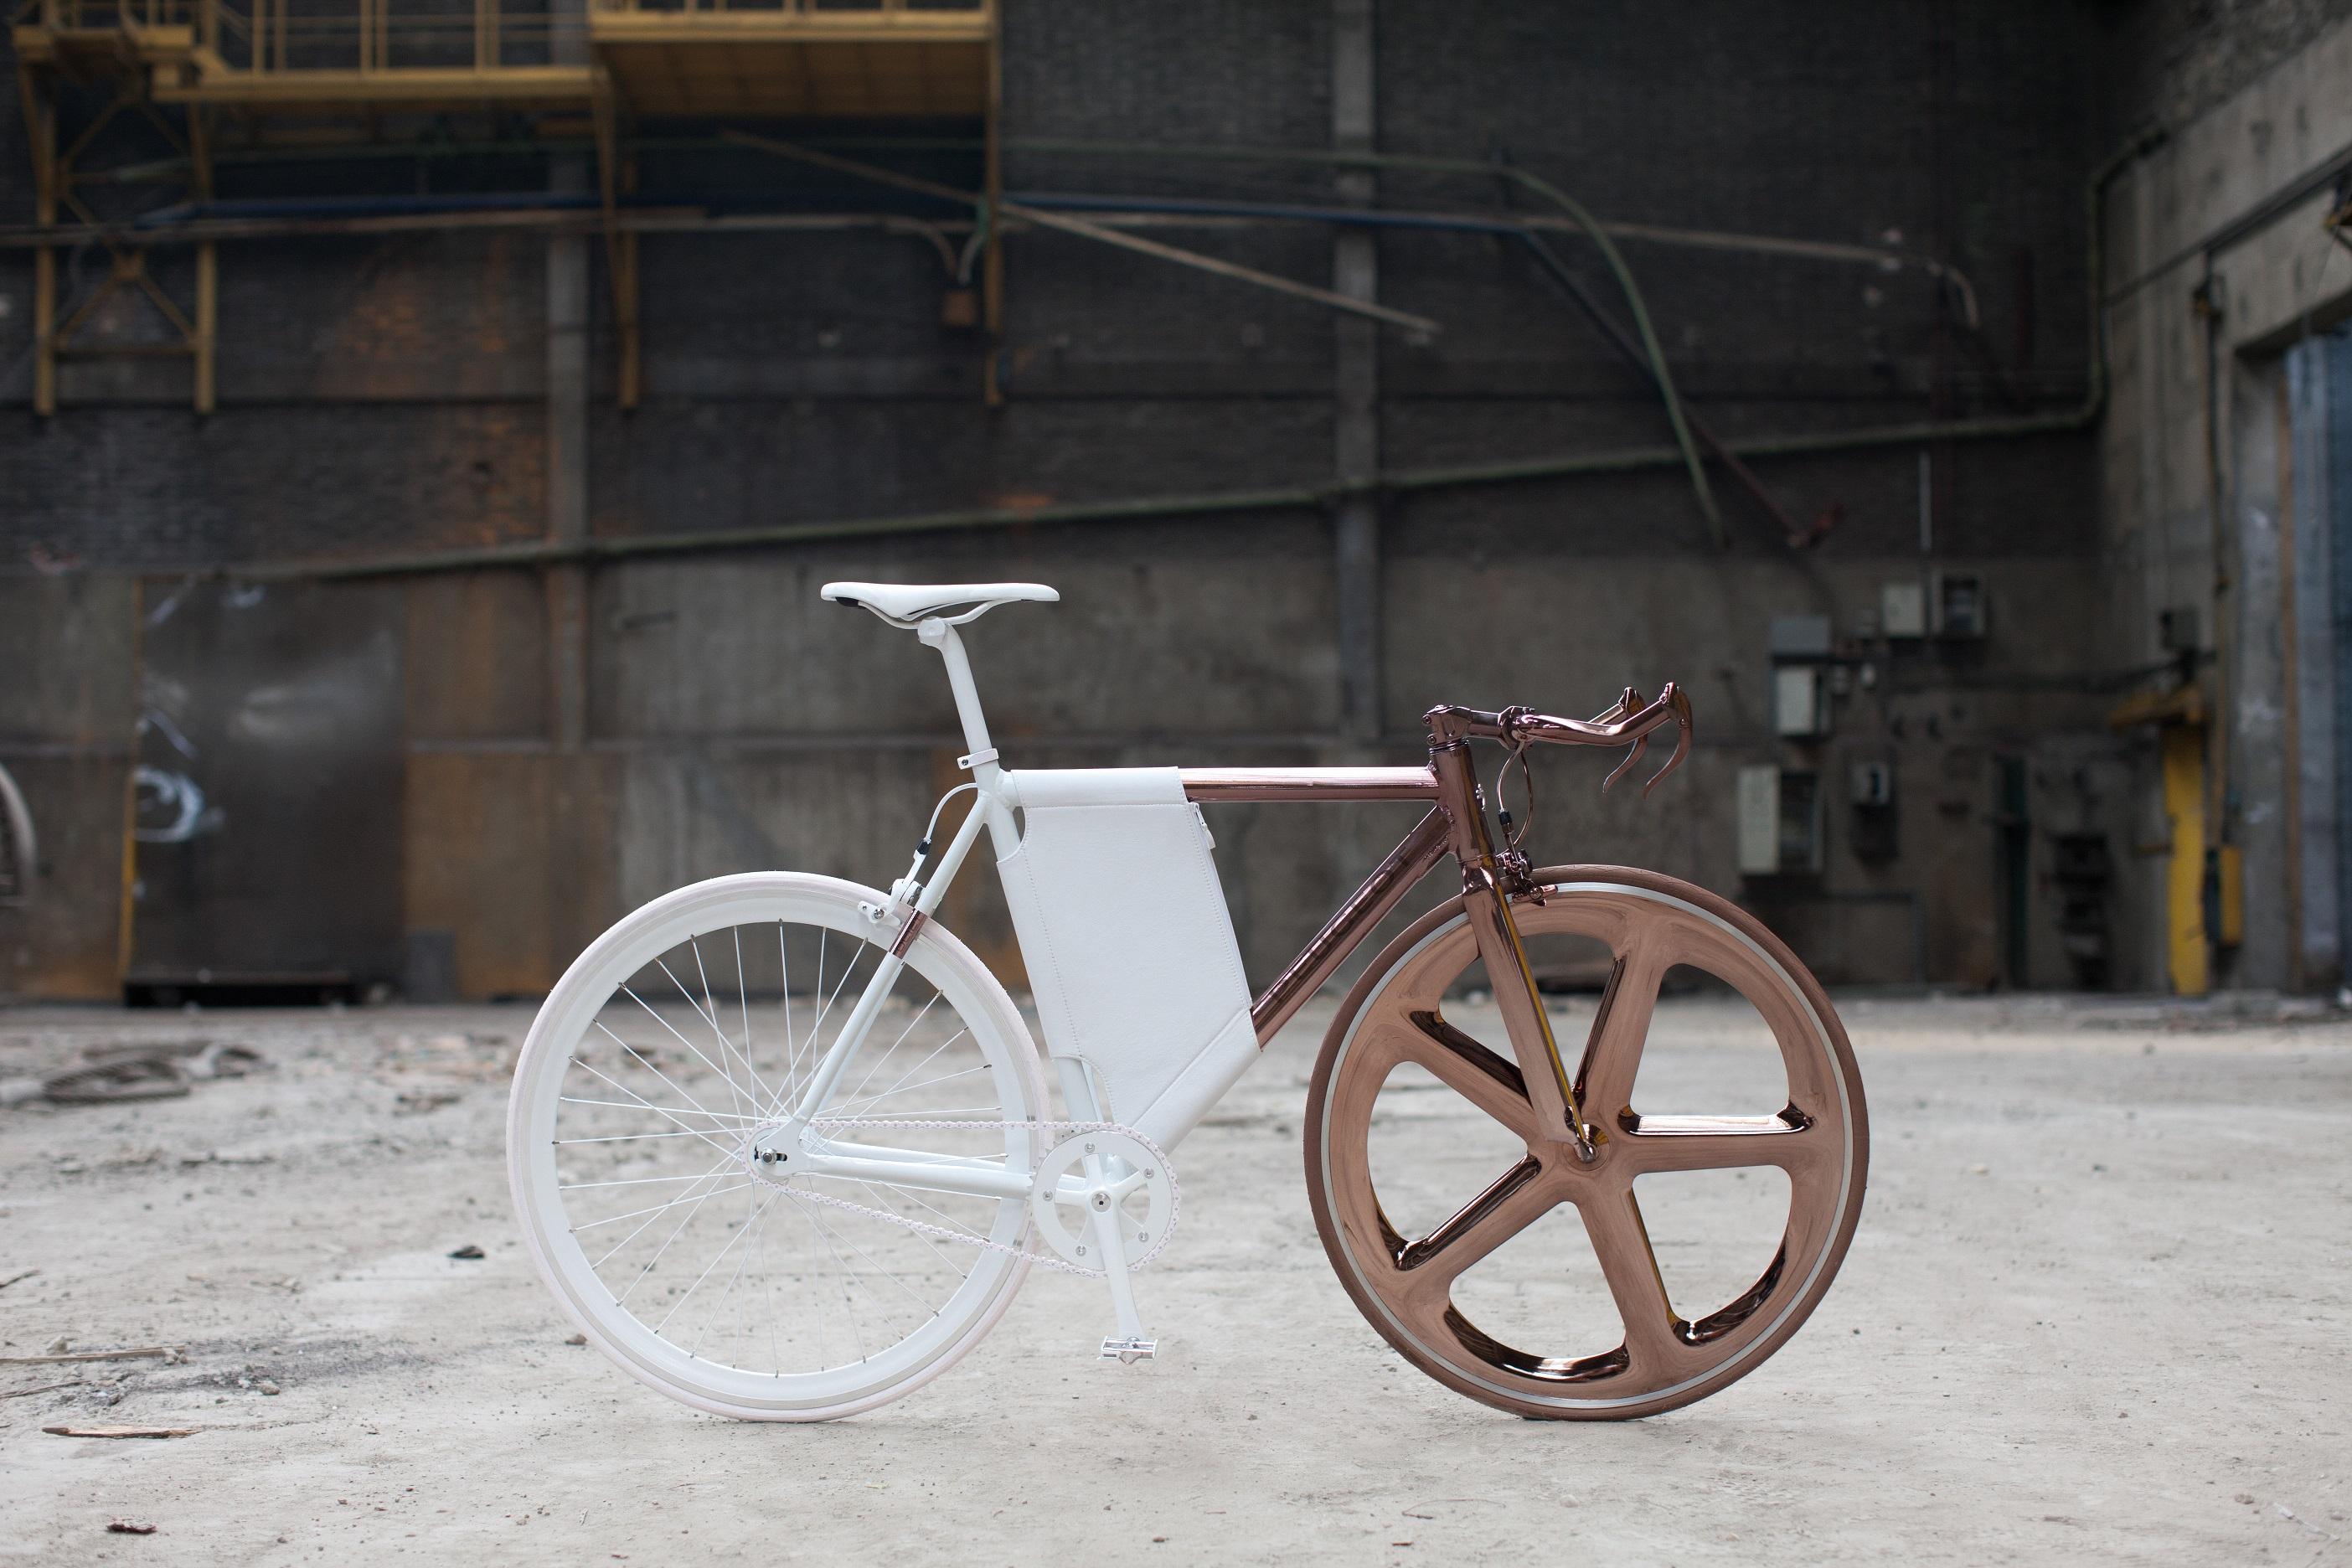 Esta exquisita bicicleta DL121 ha sido fabricada por Peugeot y solo se adquiere bajo encargo